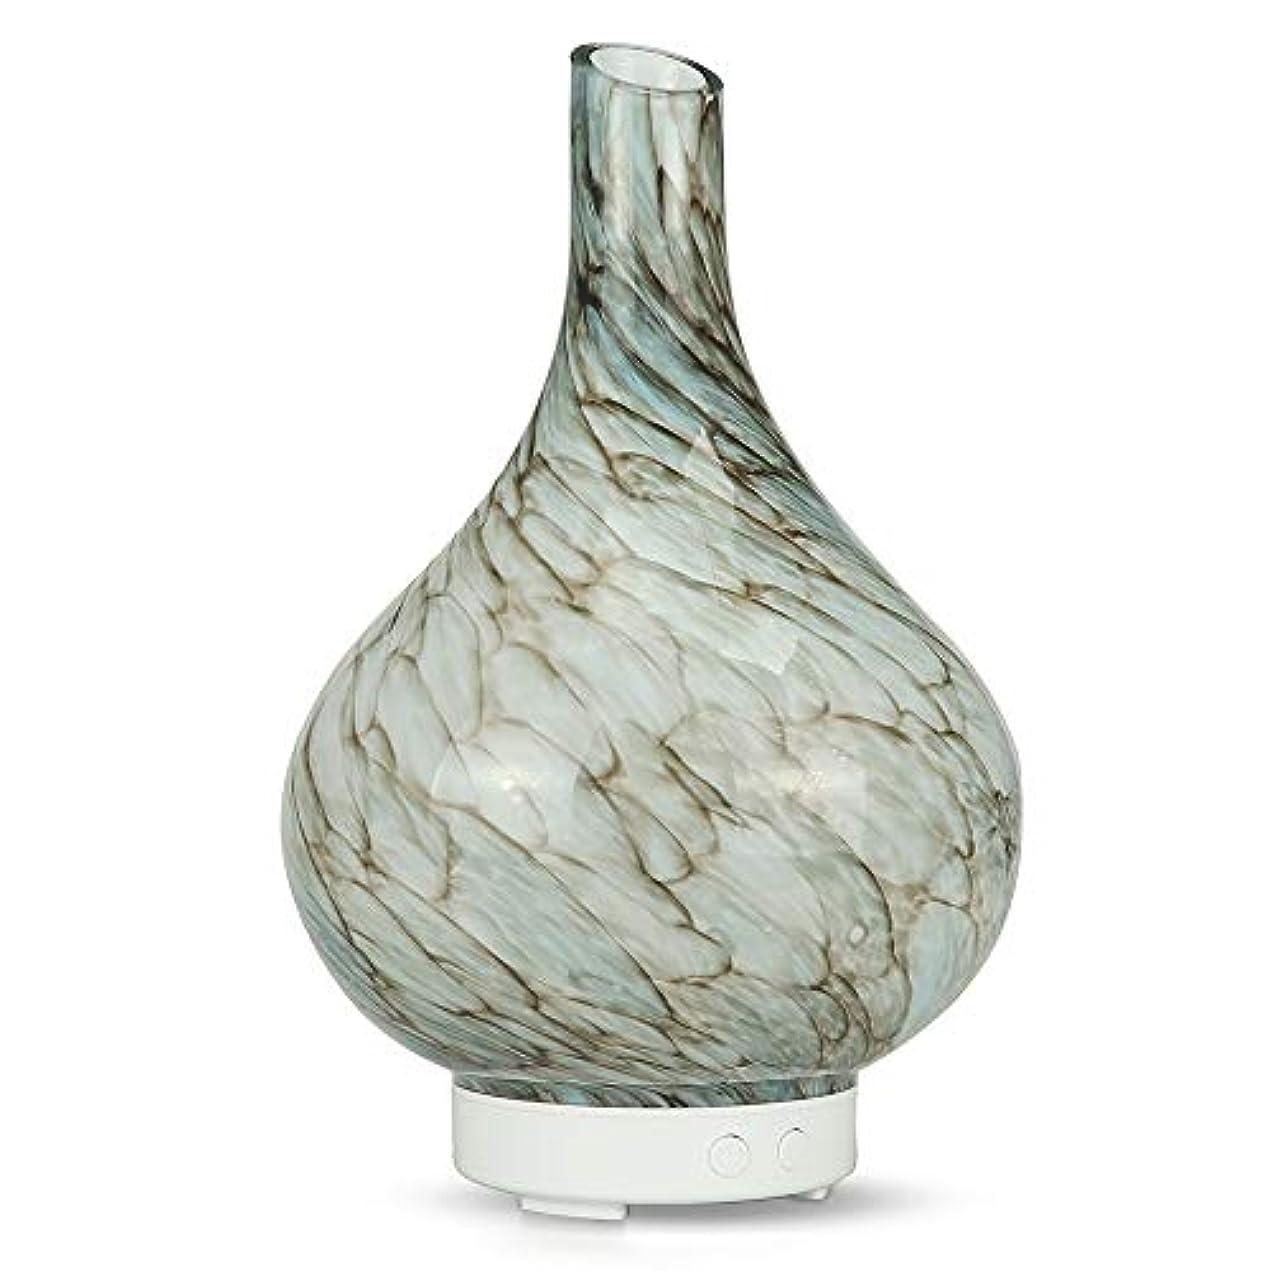 長いです花瓶活発Decdeal アロマディフューザー ミニ 加湿器 卓上 100ML エッセンシャルオイルディフューザー 7色LEDライト付き